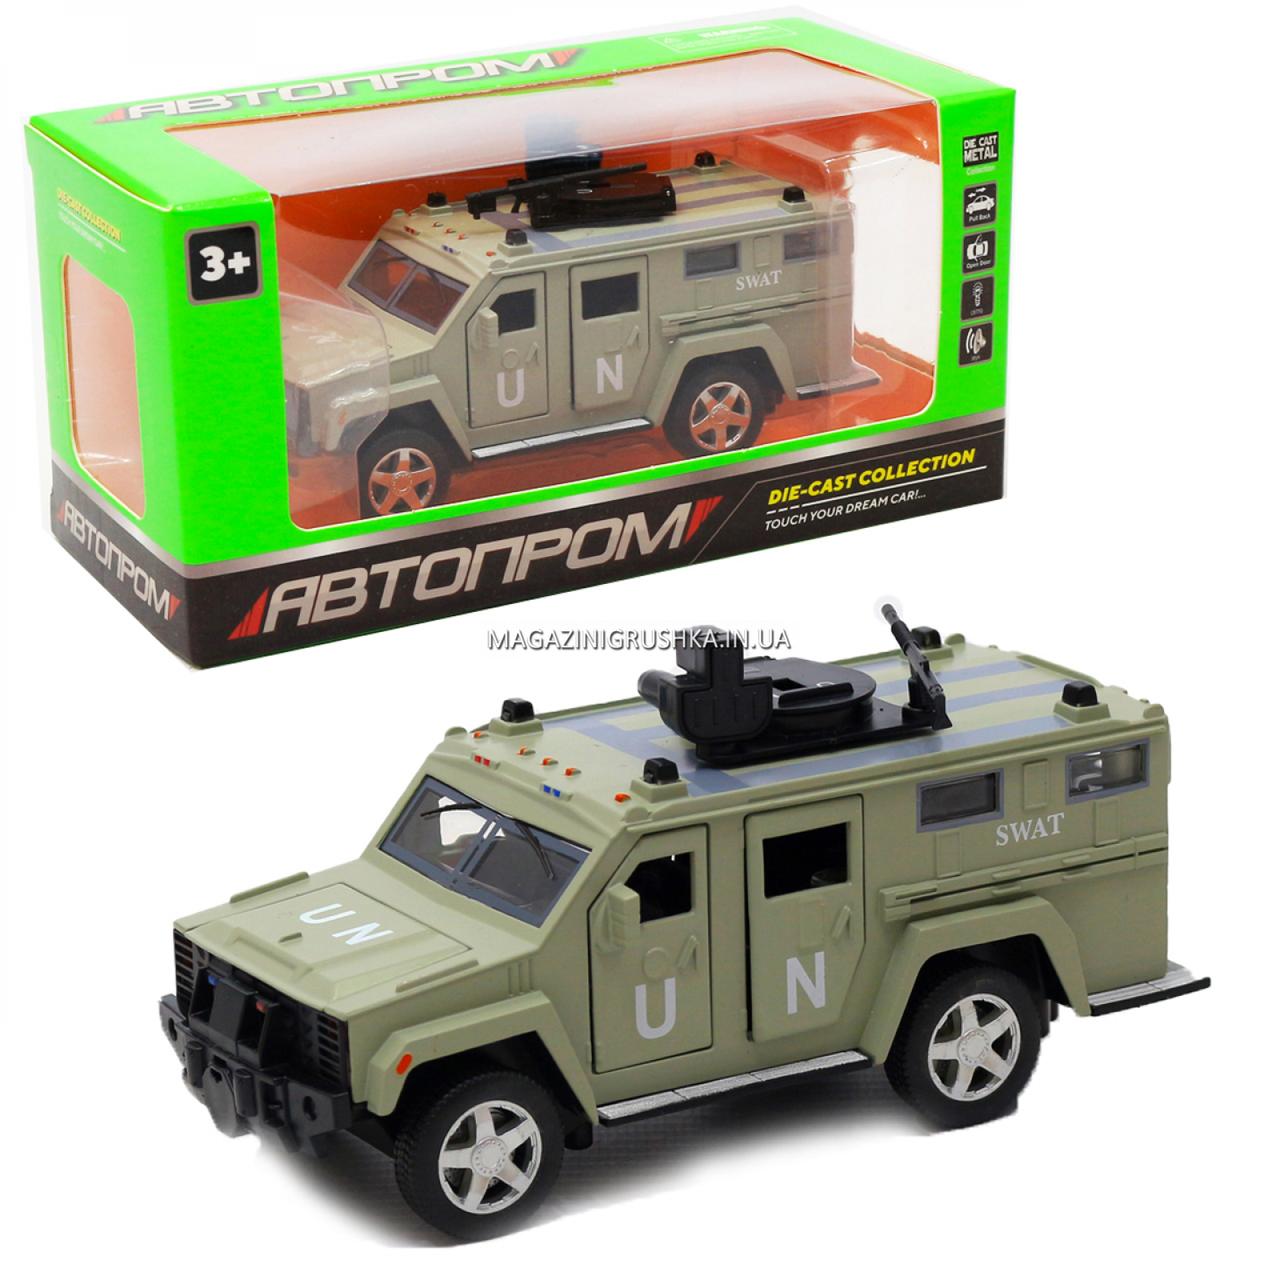 Игрушечная машинка металлическая «Военная техника», Автопром, светло-зеленый, от 3 лет, 7*15*6 см, (6623)